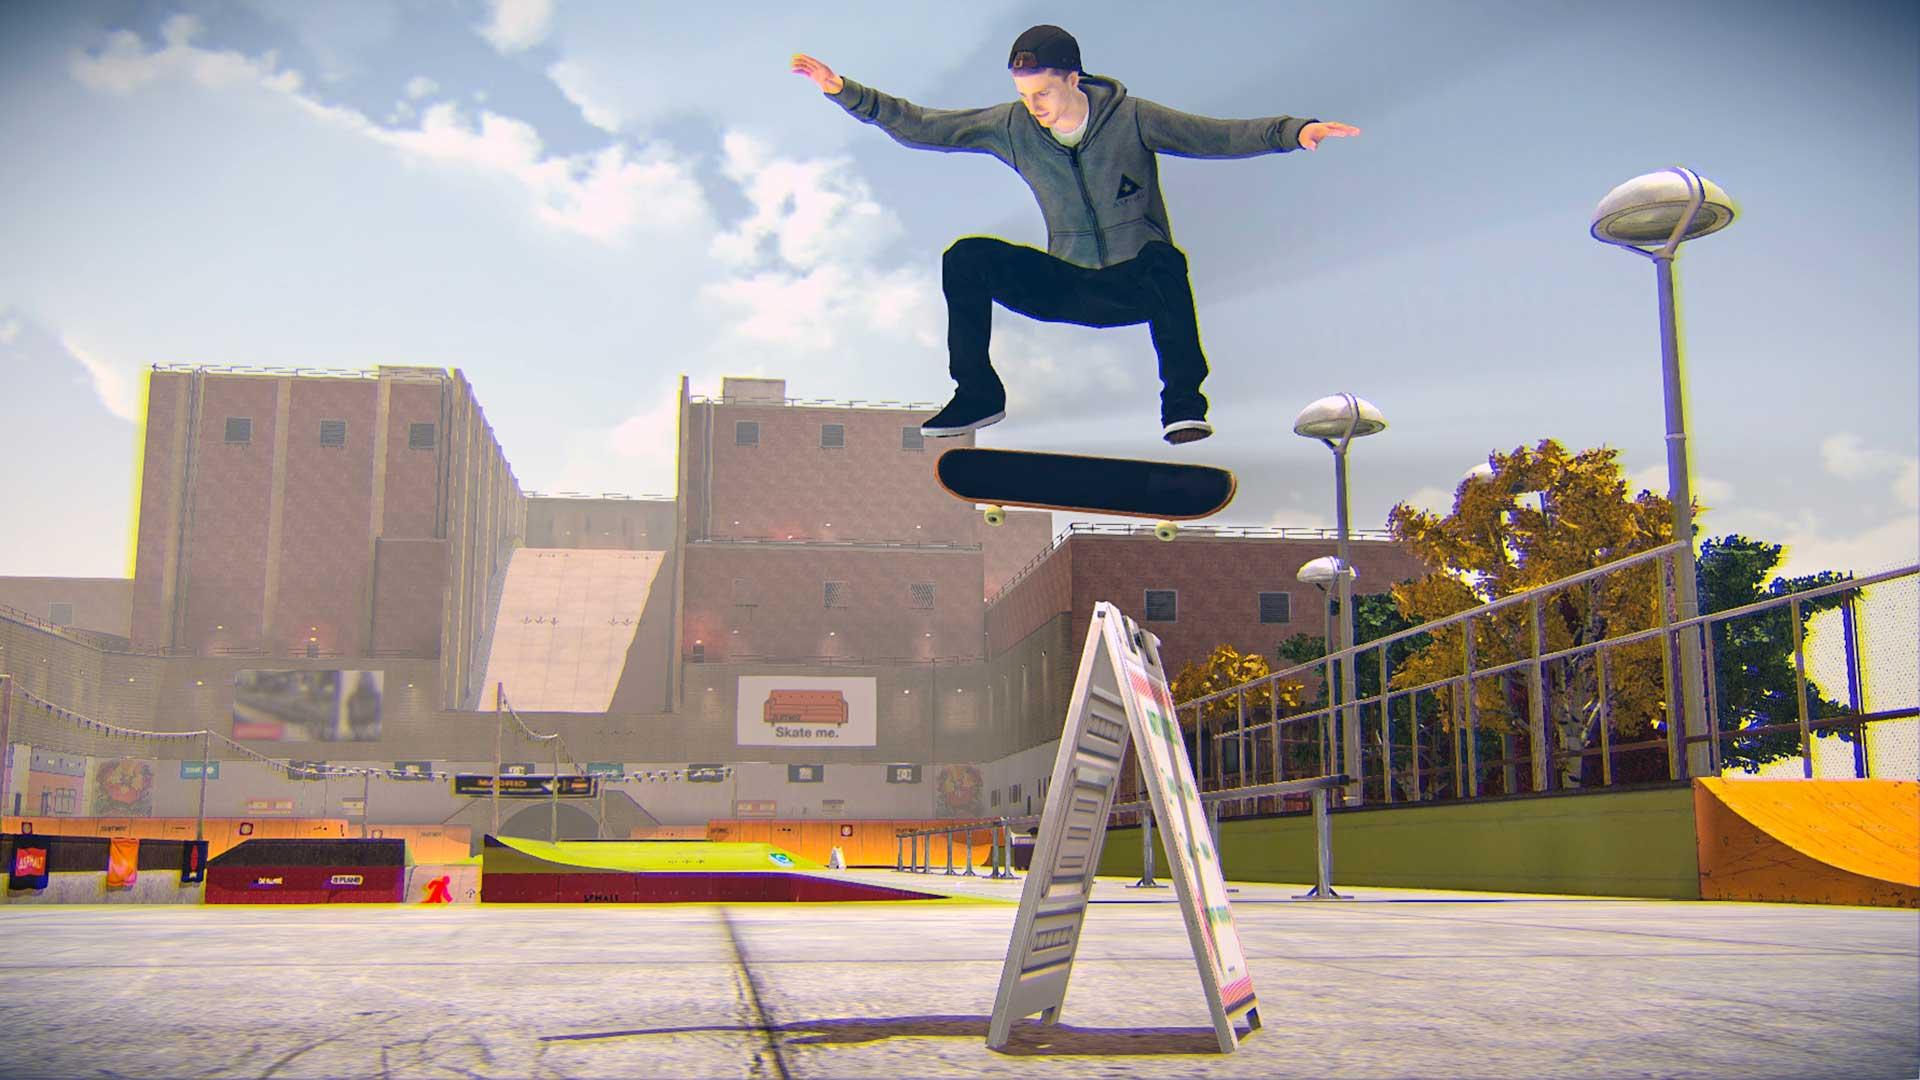 Tony-Hawks-Pro-Skater-5(2)